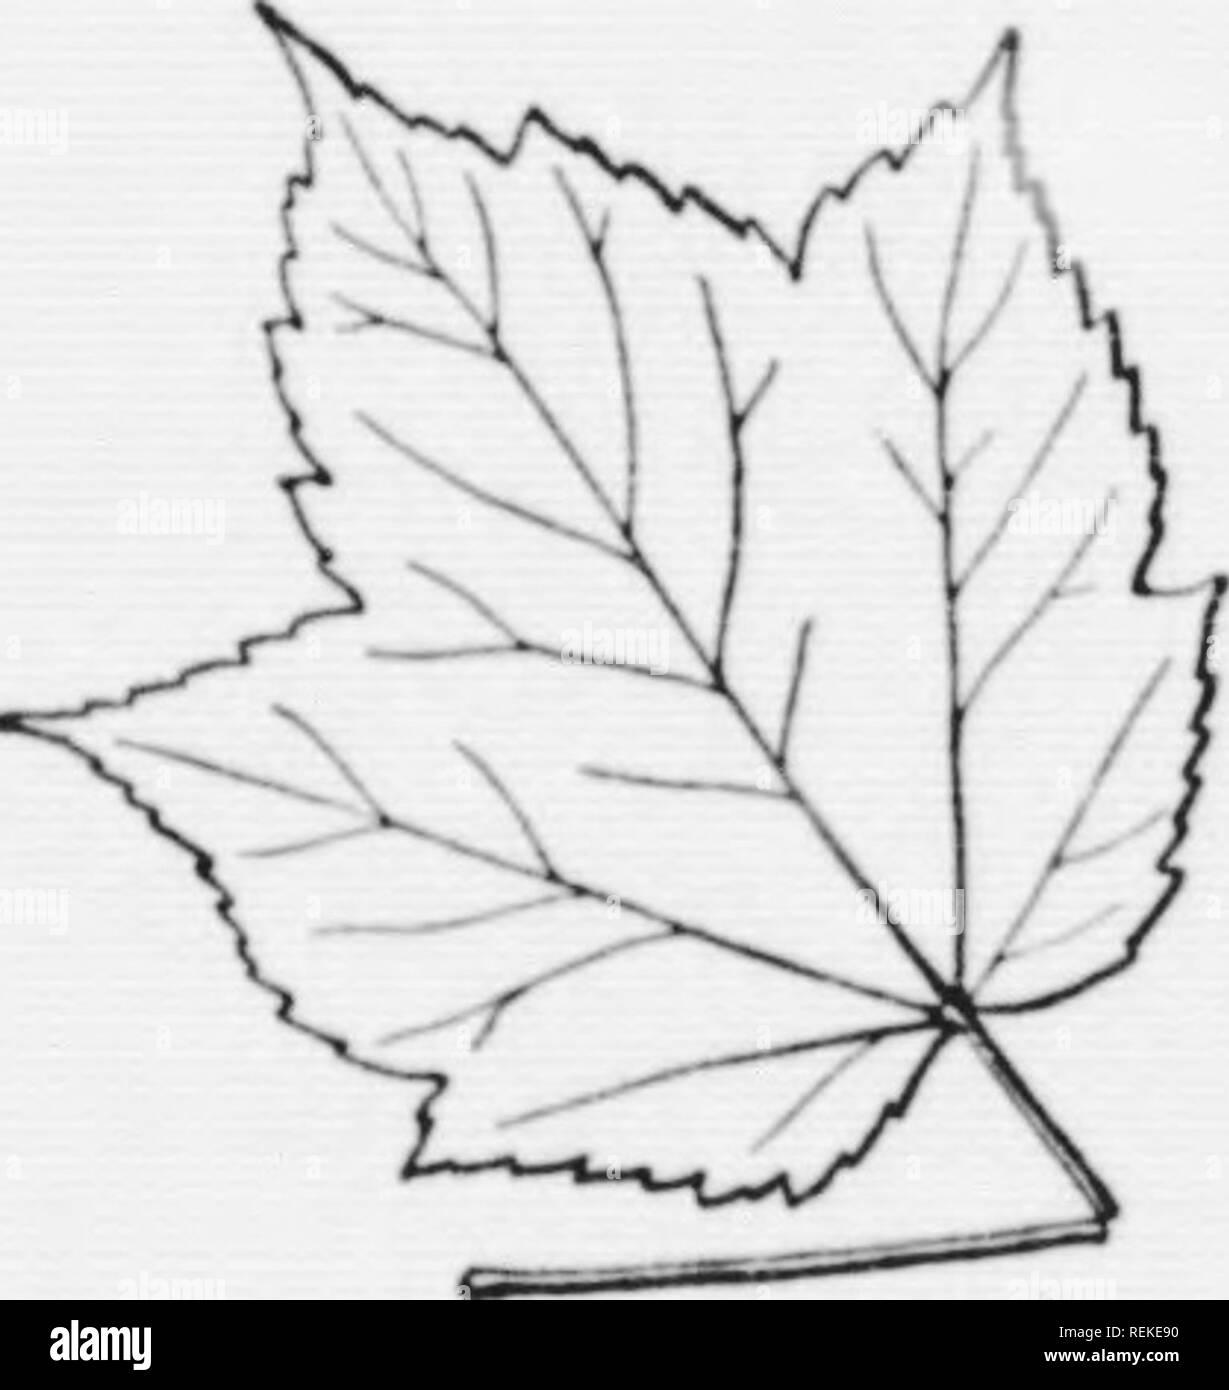 . Clave ilustrada para el salvaje y comúnmente cultivado árboles del noreste de Estados Unidos y Canadá adyacente [microforma] : se basa principalmente en caracteres de hoja. Árboles; Árboles;; Arbres Arbres. f^ 126 Ki:V GKNKRA Y ESPECIES i86. Simi Ixavcs)U' 187. 186. Eoaves c(.nii...un.l. Wcslcrn Xcw En-tierra hacia el sur y wotward. Al>(), sacrificio y (.scape.l. (Li.i:. -^7 ' Box Elder, Ash- dejaron el arce, .s:y Xo^hikIo L. 187. Juic-e lechoso. El culto. Xativo en Eurasia. (Eiijs. 2^6. 2,vS.) Noruega Maple, Acer plaianoidcs E. 187. Juici' no leche) 188. 188. Elower (o fruta) tallos dispuestos alon.t', un com- m Foto de stock